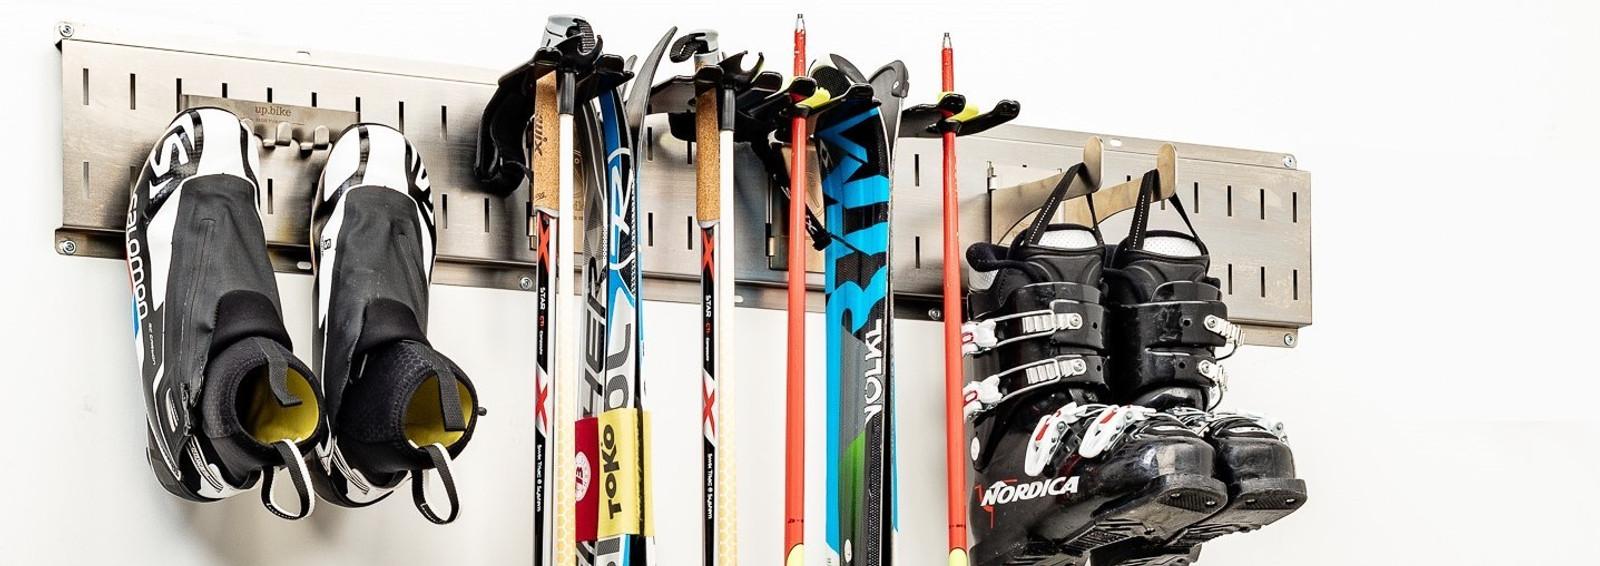 Ski Gear Storage